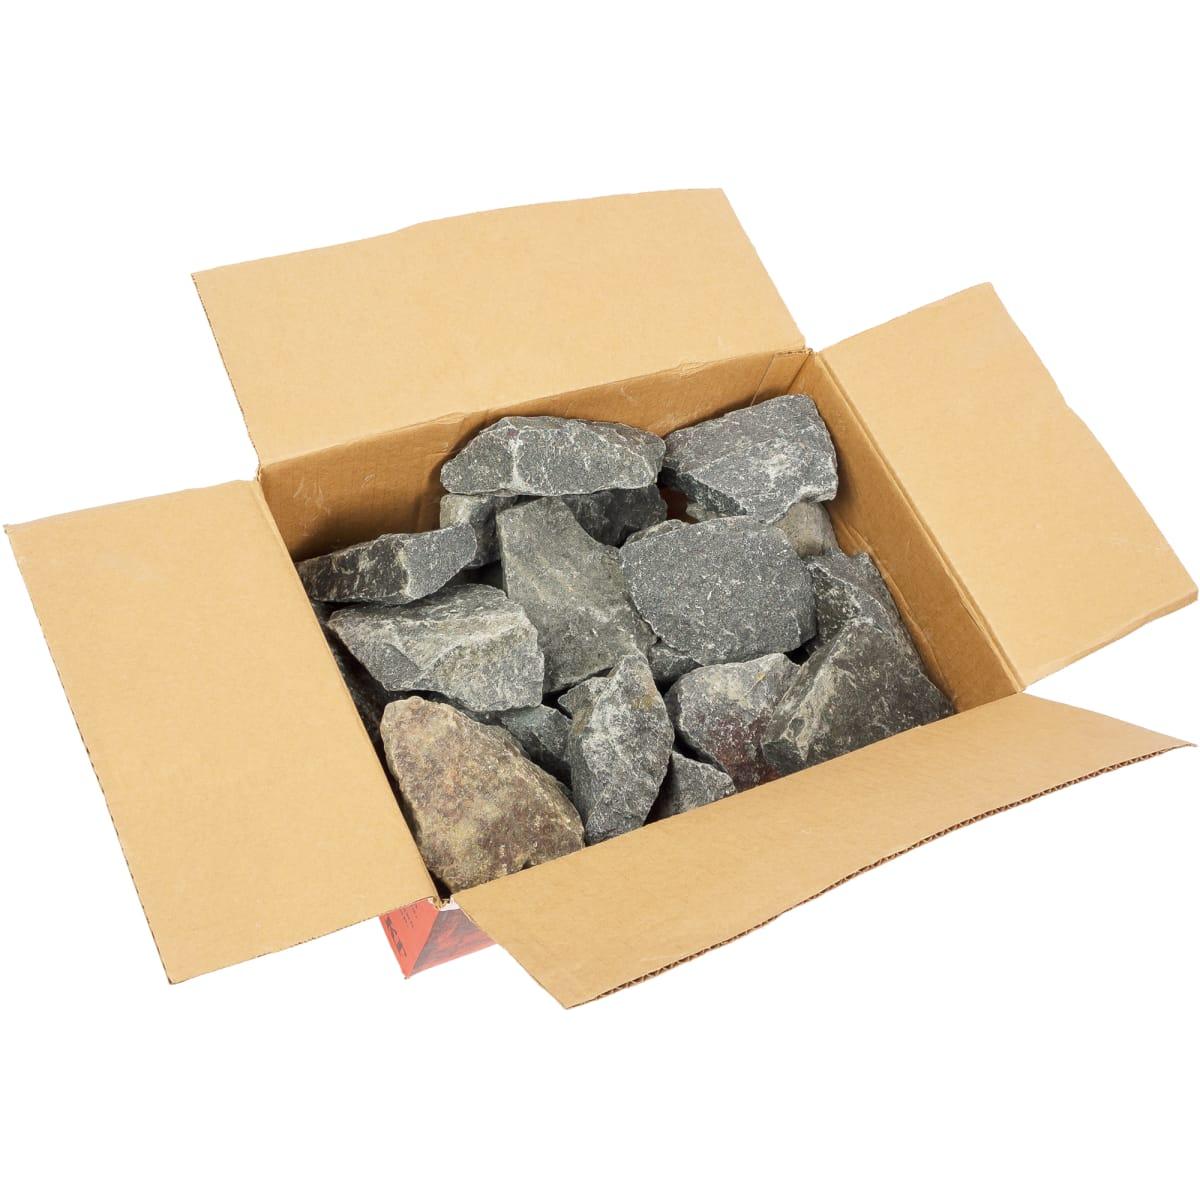 Как выбрать камни для бани - какие лучше подходят и почему